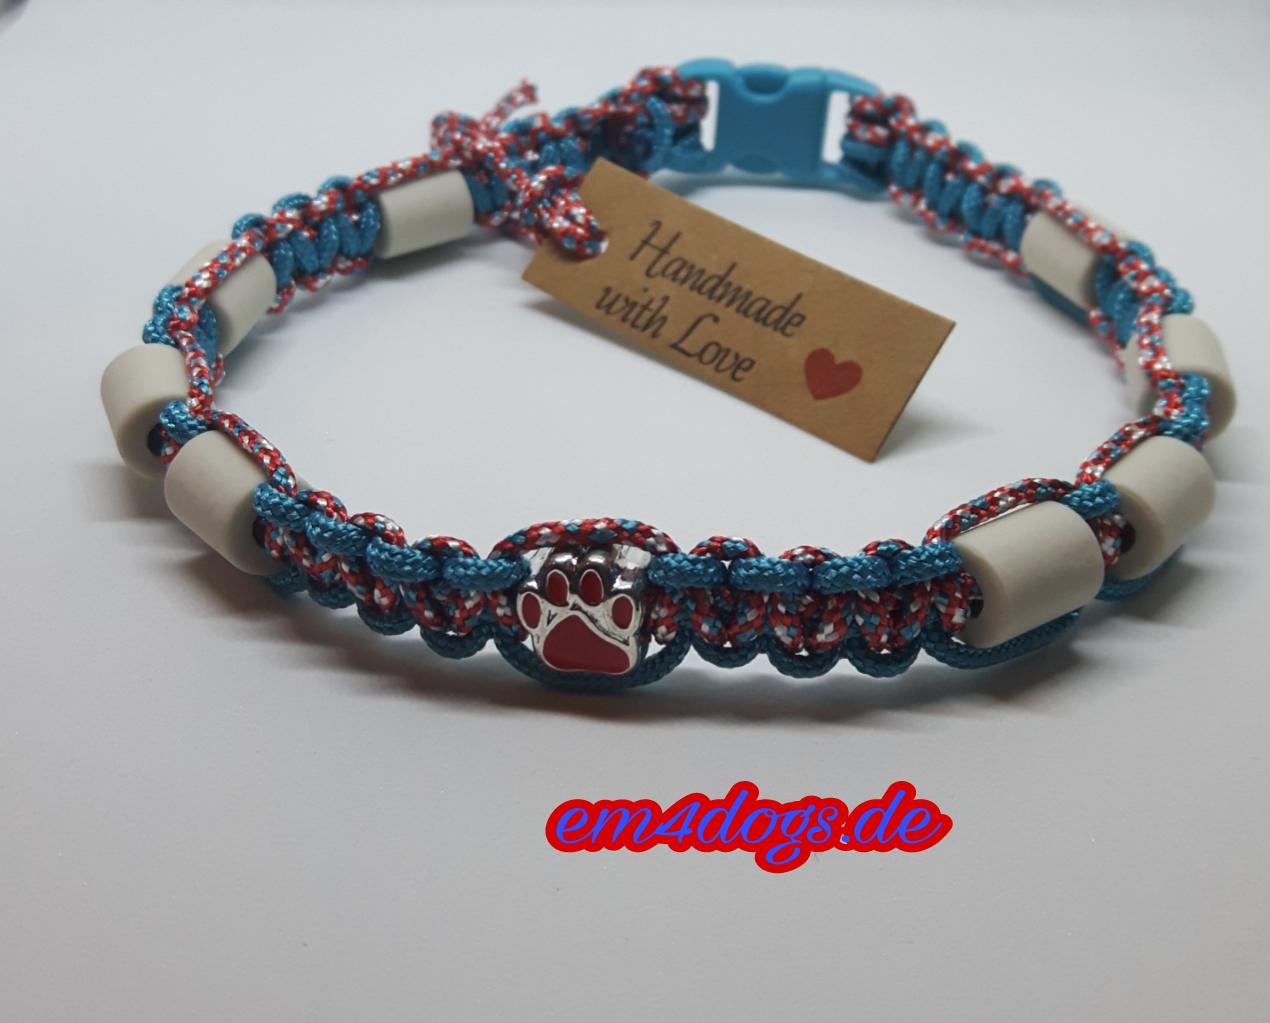 em4dogs.de EM-Keramik Hundehalsband türkis rot